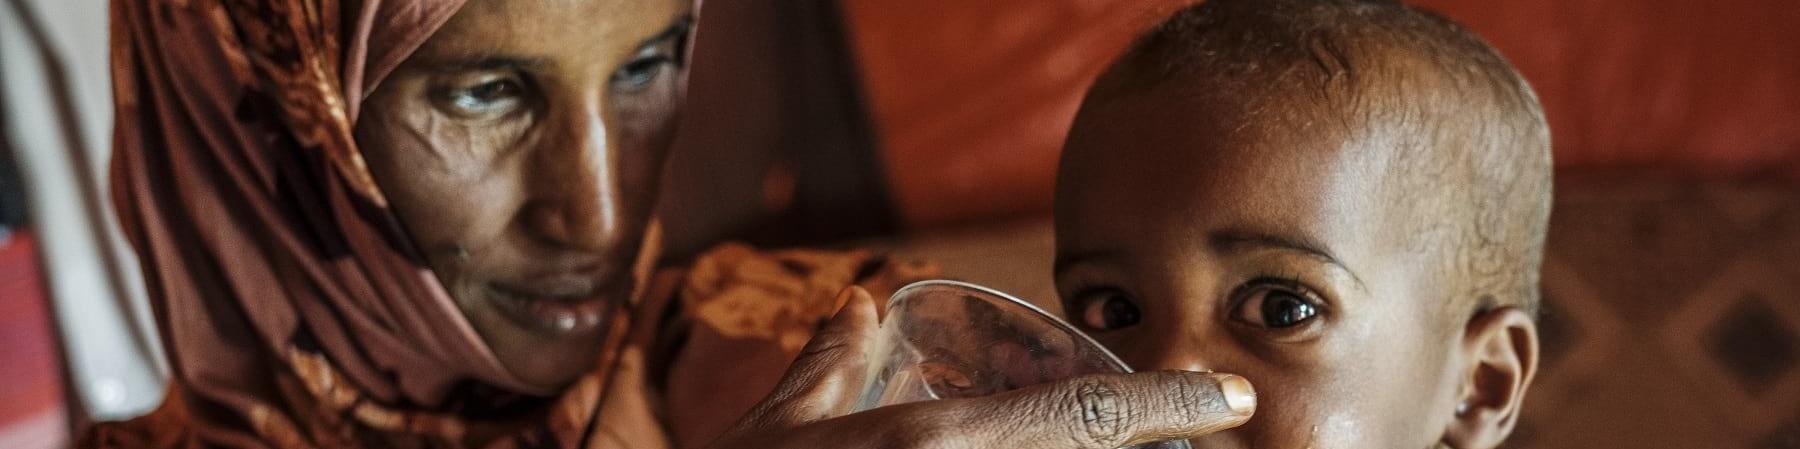 Una madre dà da mangiare a suo figlio di 5 mesi con una tazza